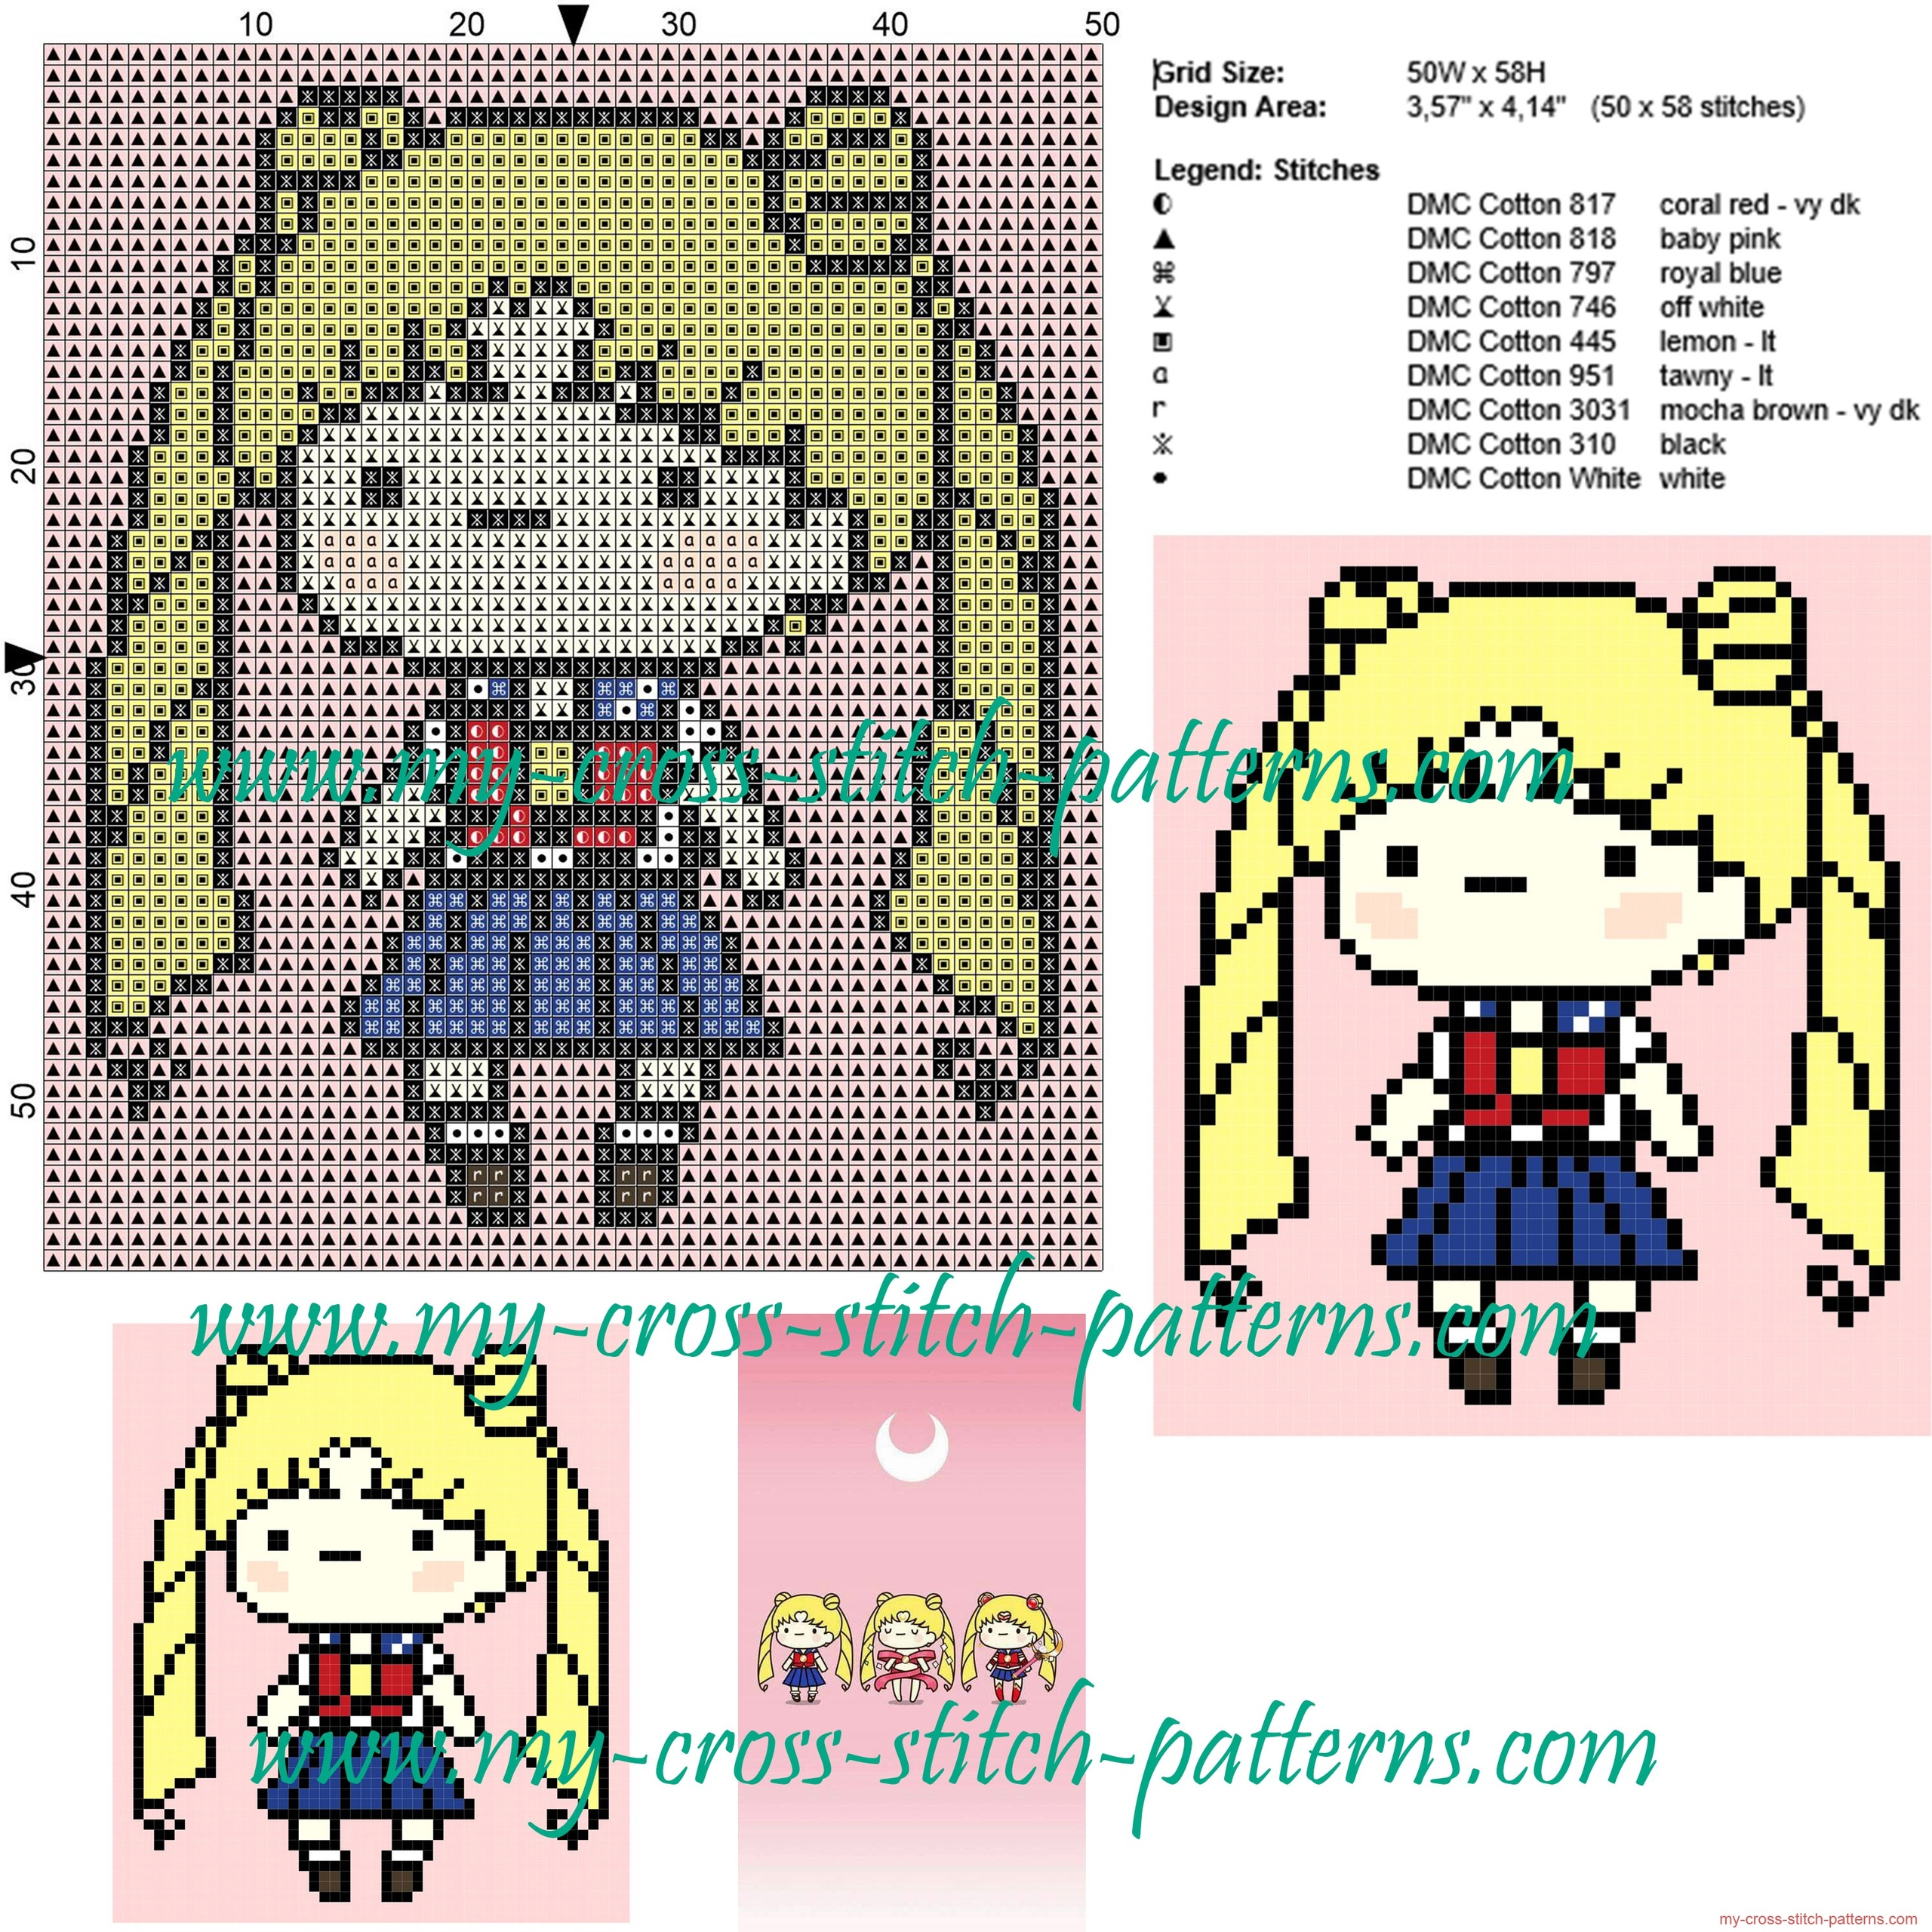 usagi_cross_stitch_pattern_sailor_moon_cross_stitch_pattern_